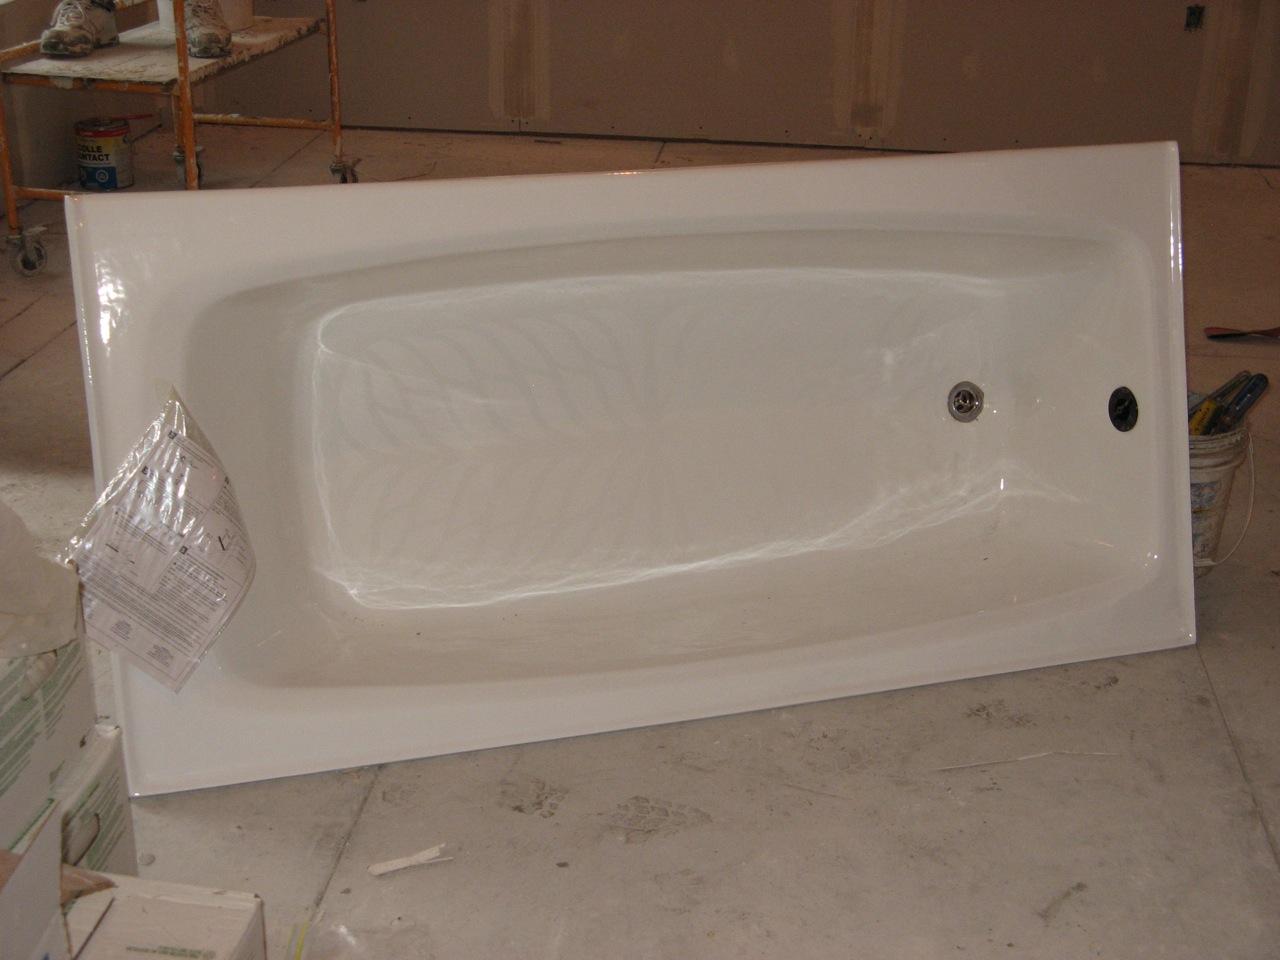 mariner dans une baignoire en fonte sant et science l actualit. Black Bedroom Furniture Sets. Home Design Ideas